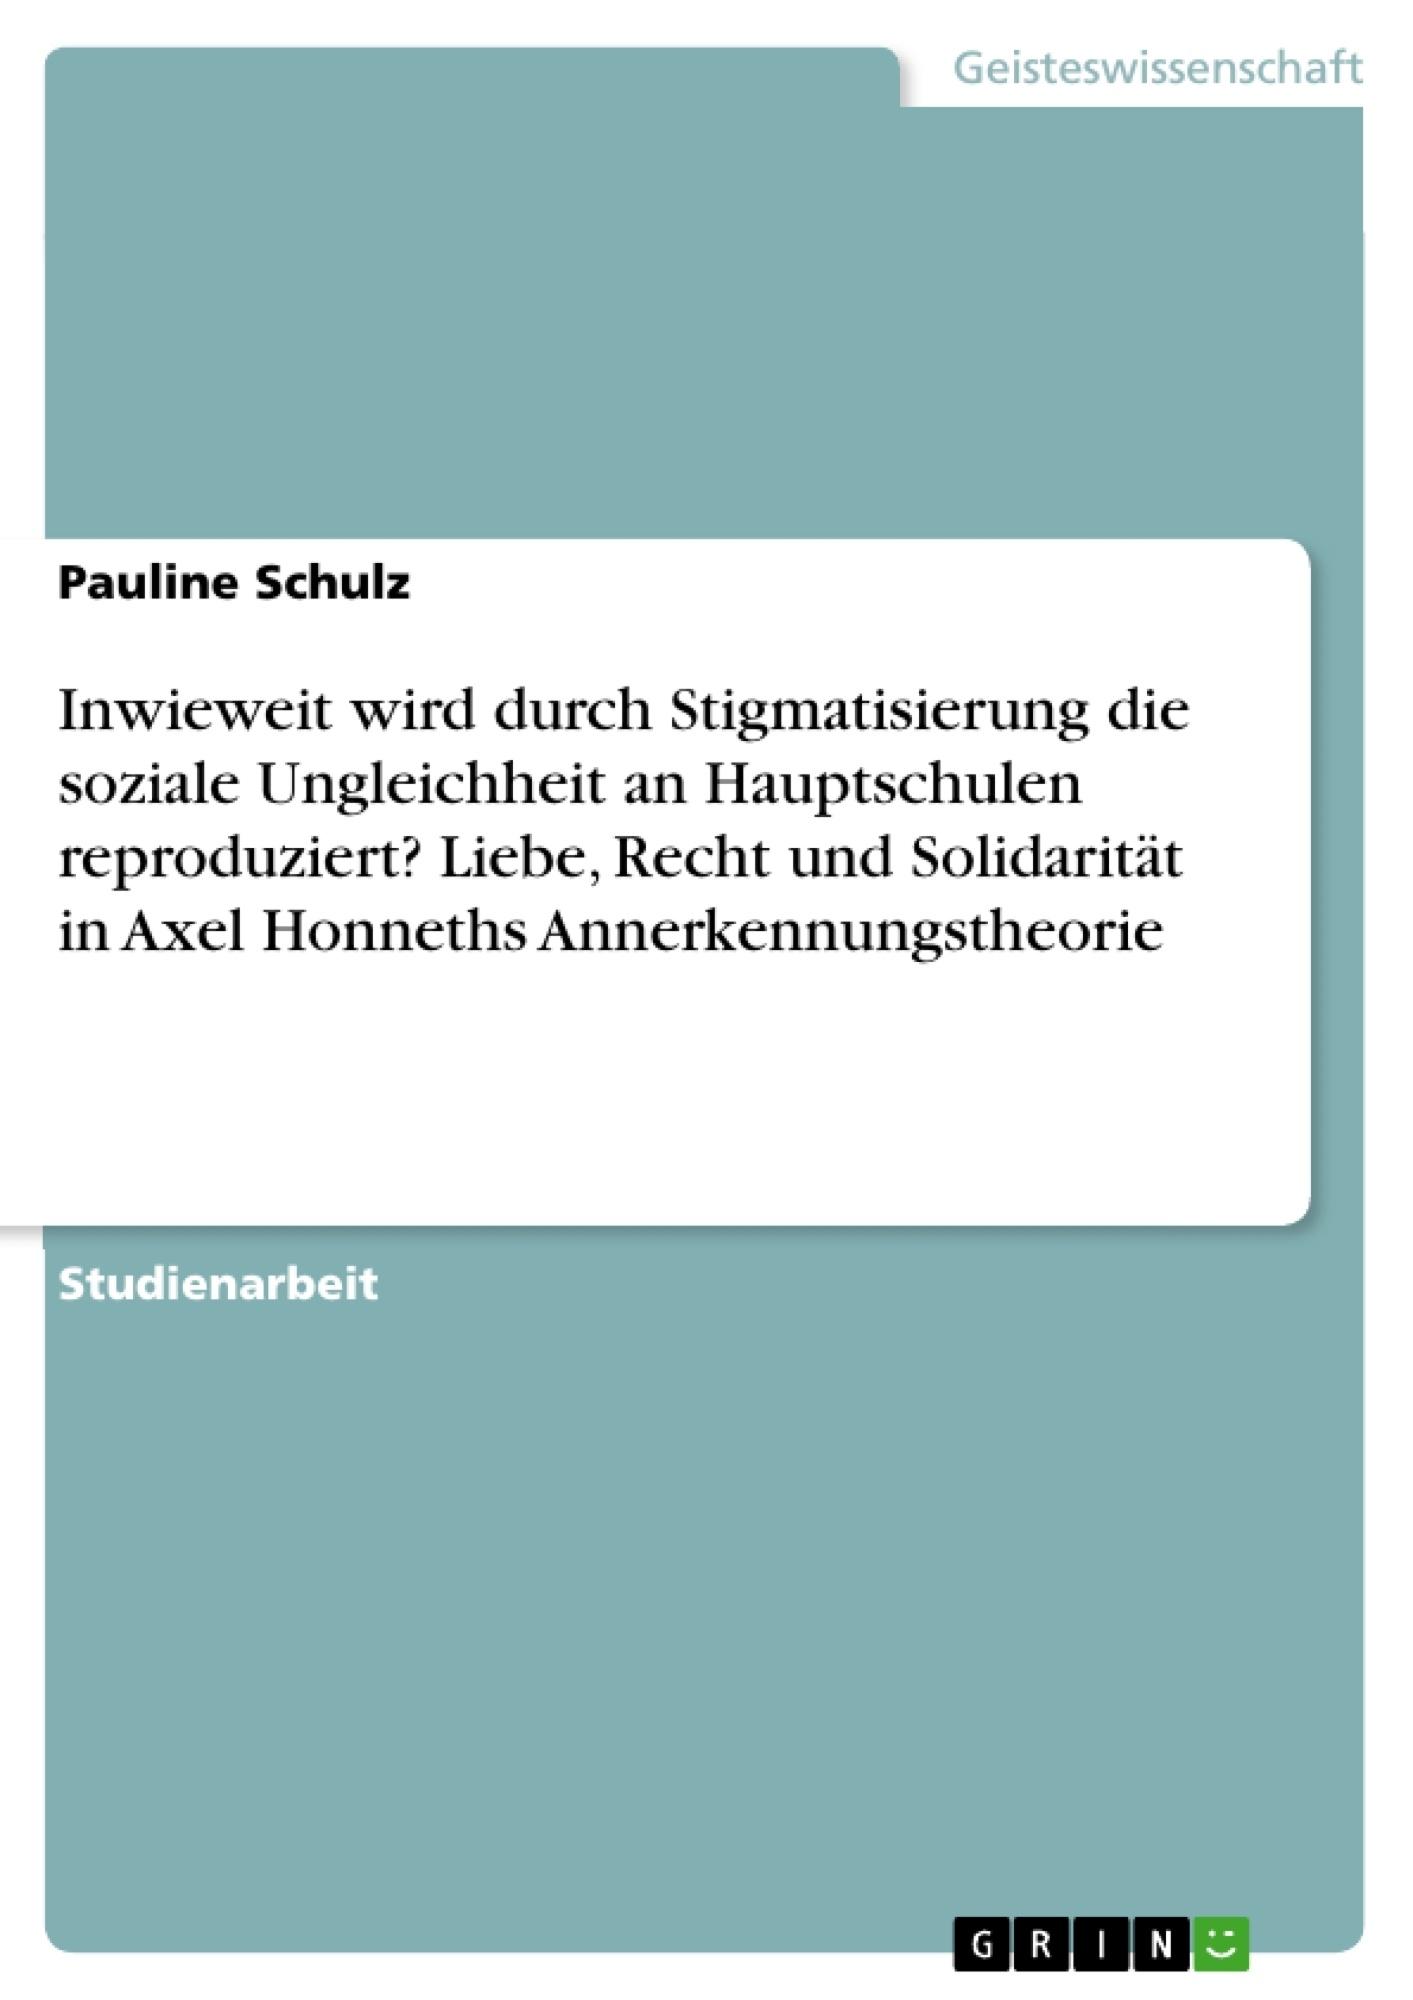 Titel: Inwieweit wird durch Stigmatisierung die soziale Ungleichheit an Hauptschulen reproduziert? Liebe, Recht und Solidarität in Axel Honneths Annerkennungstheorie